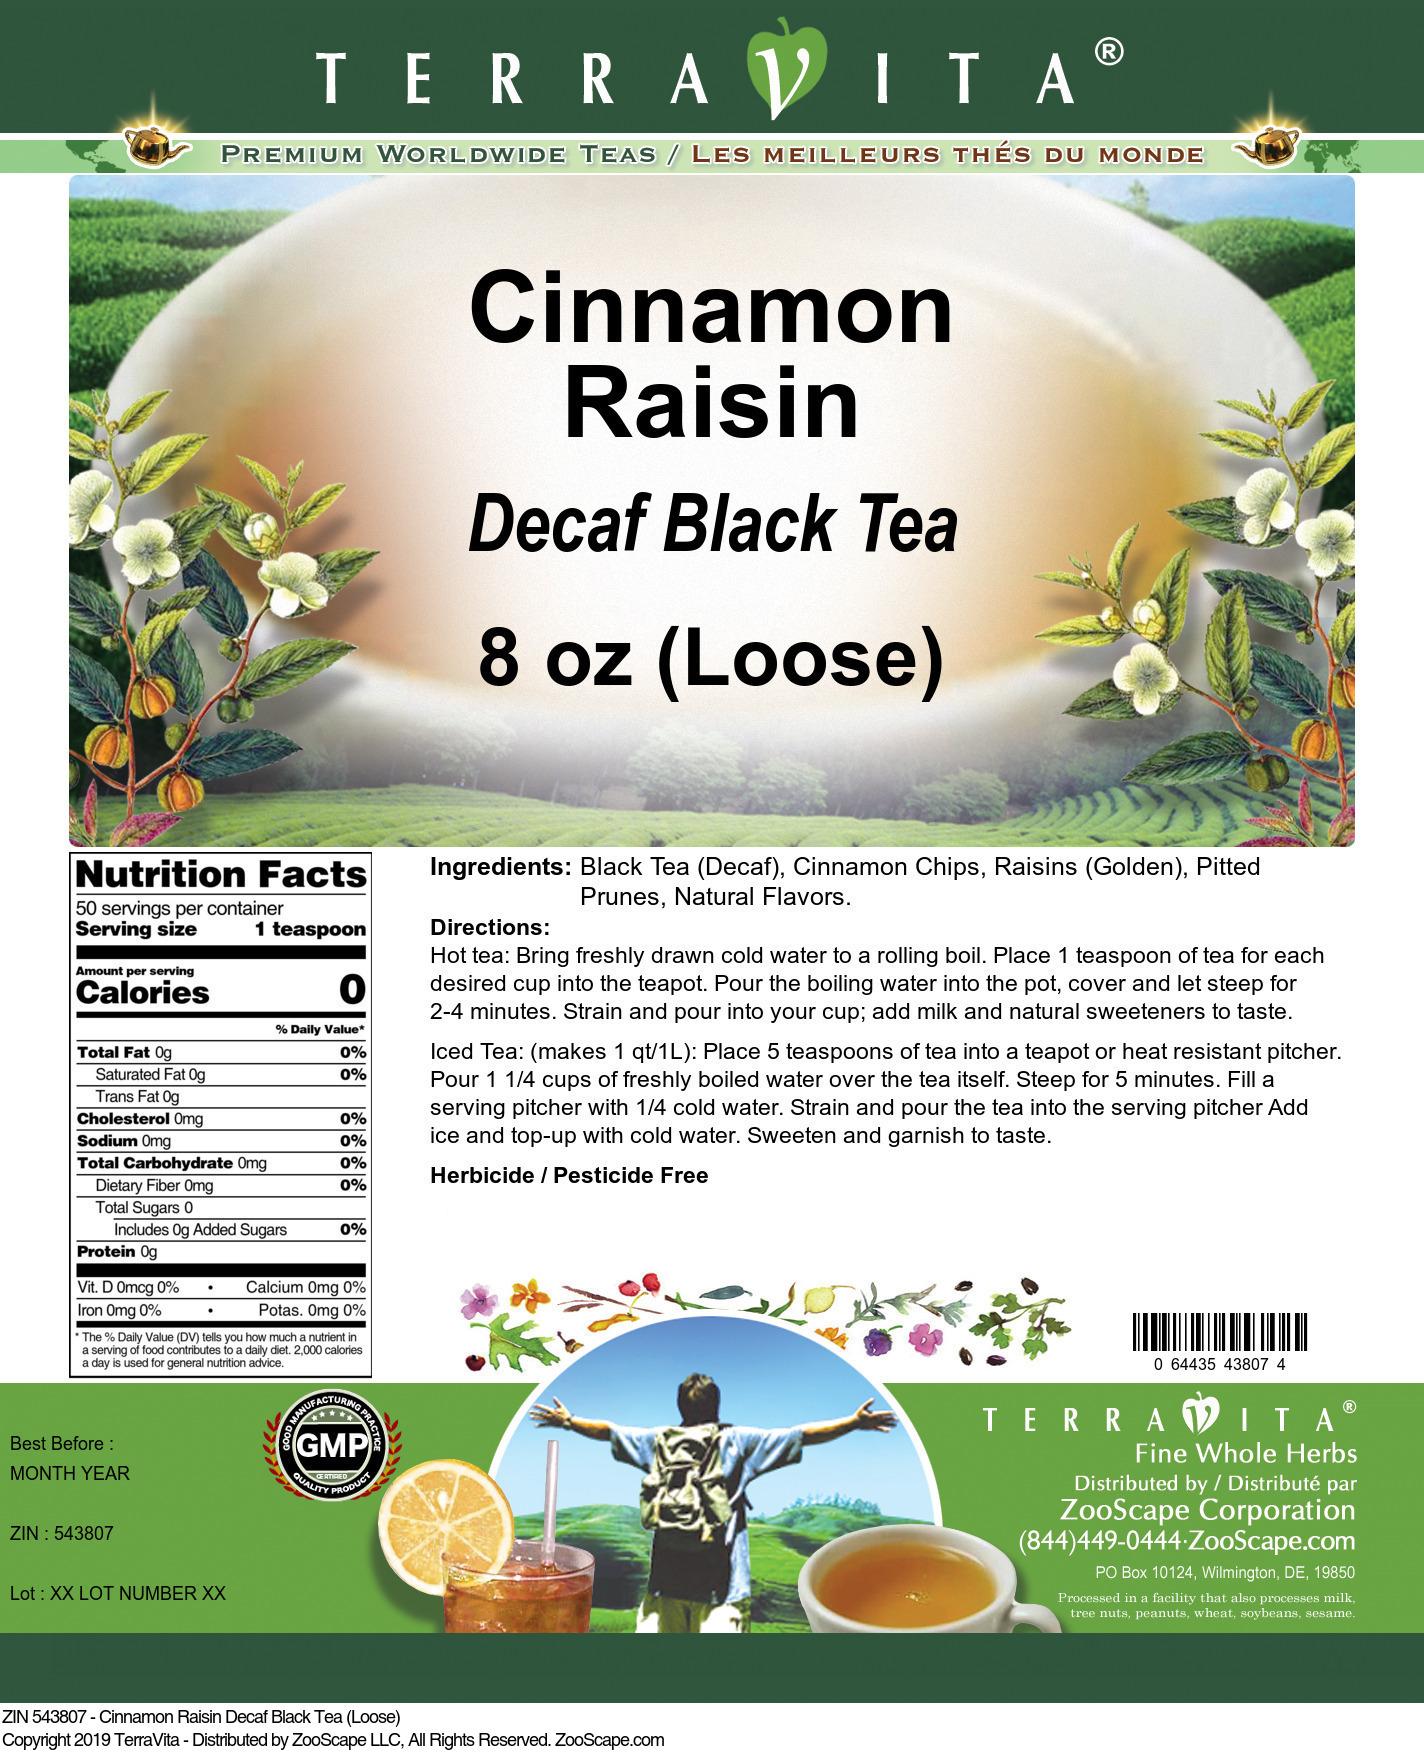 Cinnamon Raisin Decaf Black Tea (Loose)